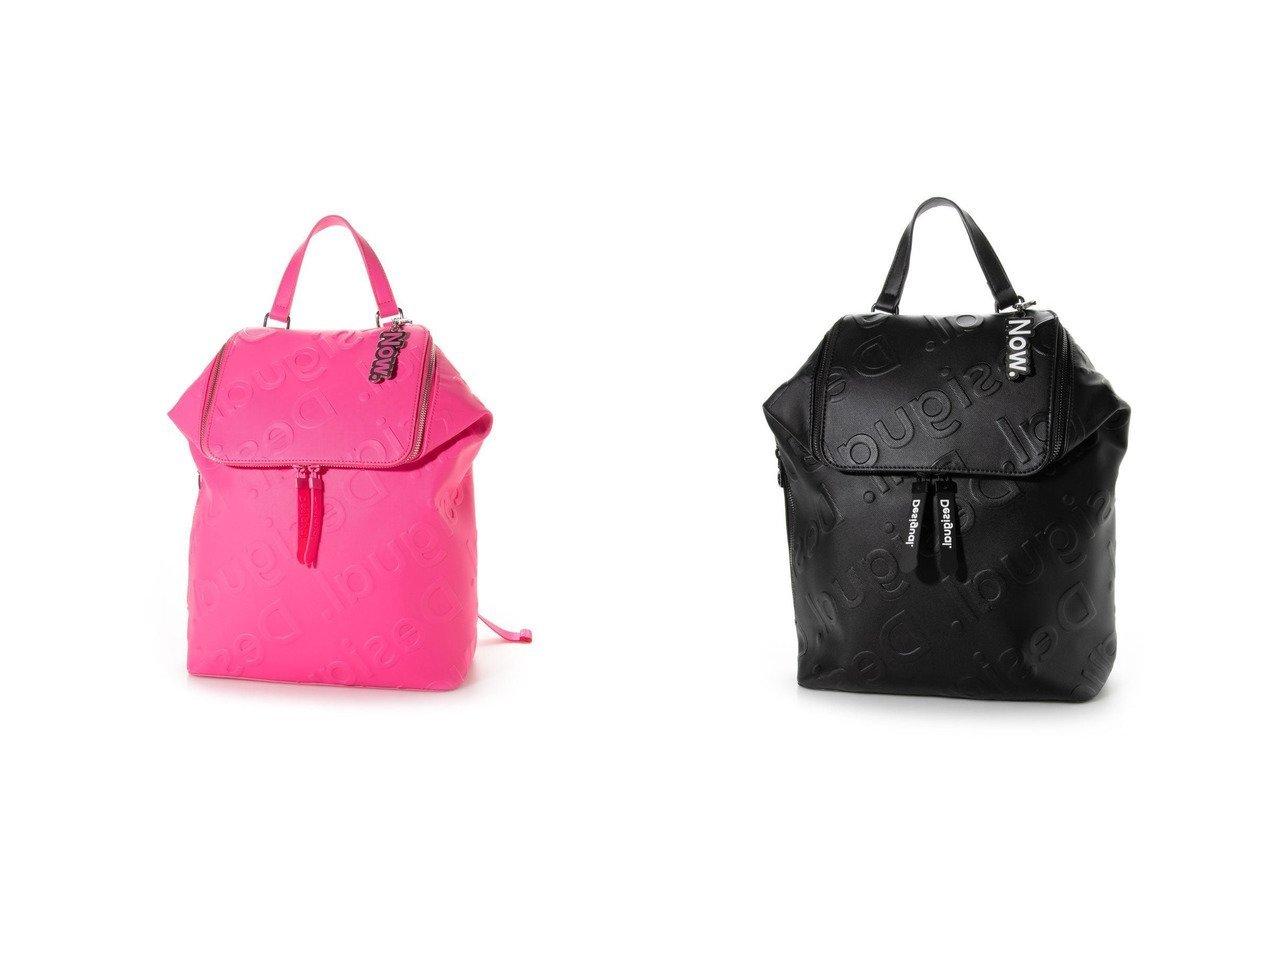 【Desigual/デシグアル】のバックパック COLORAMA LOEN バッグ・鞄のおすすめ!人気、トレンド・レディースファッションの通販 おすすめで人気の流行・トレンド、ファッションの通販商品 メンズファッション・キッズファッション・インテリア・家具・レディースファッション・服の通販 founy(ファニー) https://founy.com/ ファッション Fashion レディースファッション WOMEN バッグ Bag 2021年 2021 2021 春夏 S/S SS Spring/Summer 2021 S/S 春夏 SS Spring/Summer ポケット マキシ 春 Spring 財布  ID:crp329100000016345